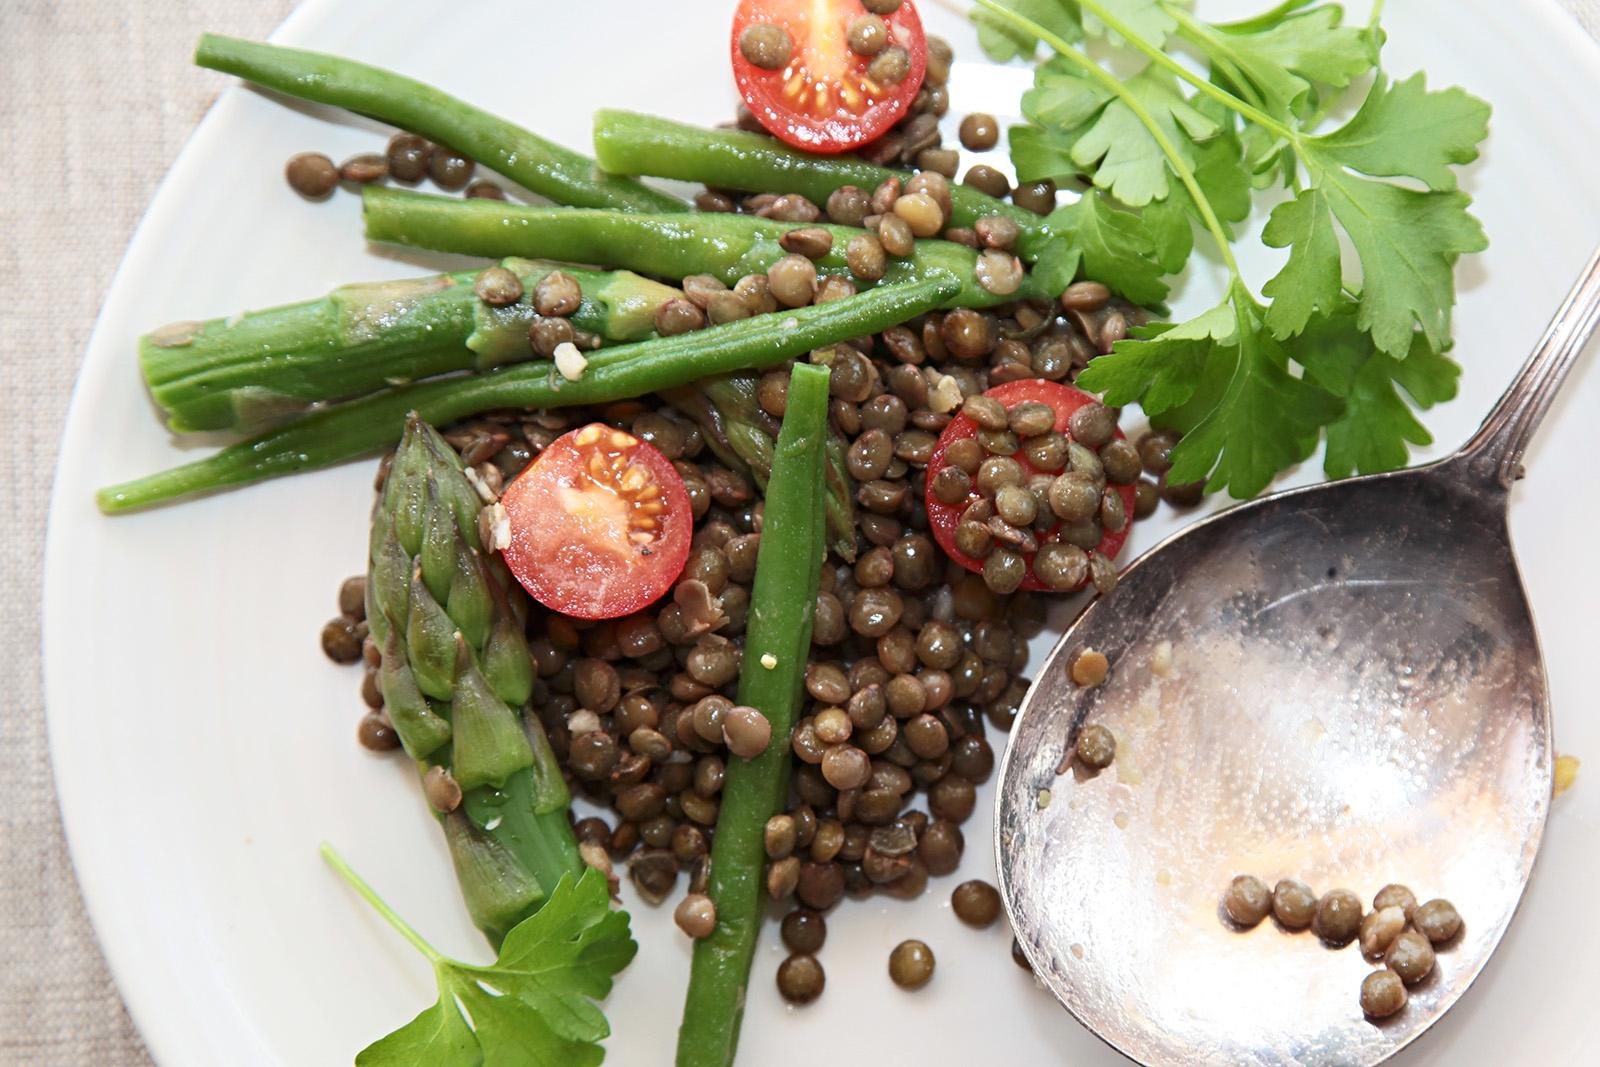 Čočkový salát servírujte i samostatně